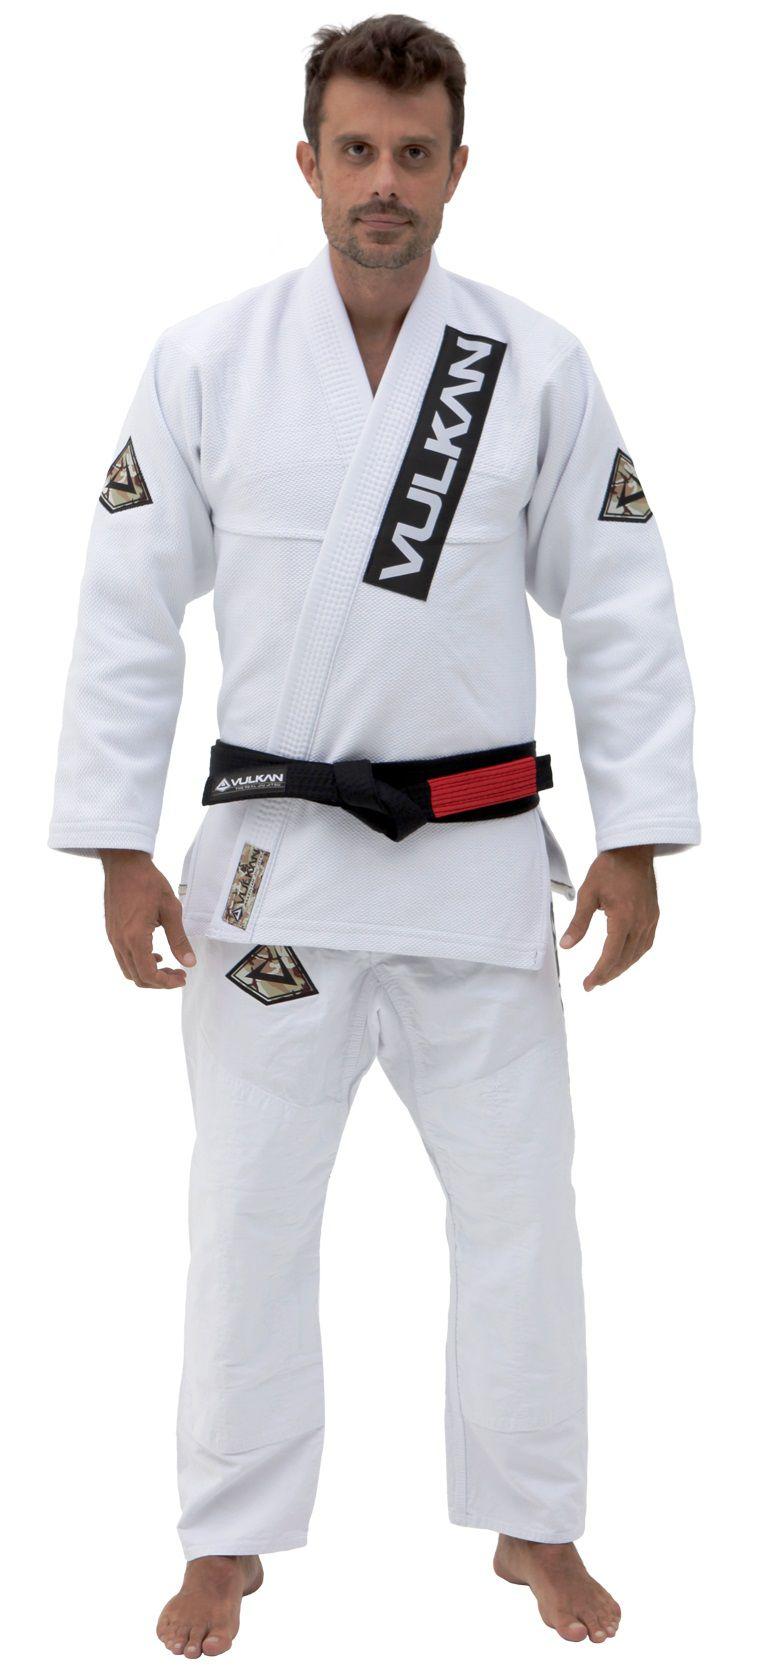 Kimono Vulkan Para Jiu-jitsu Profissional Adulto - SUPREME #01Branco Masculino